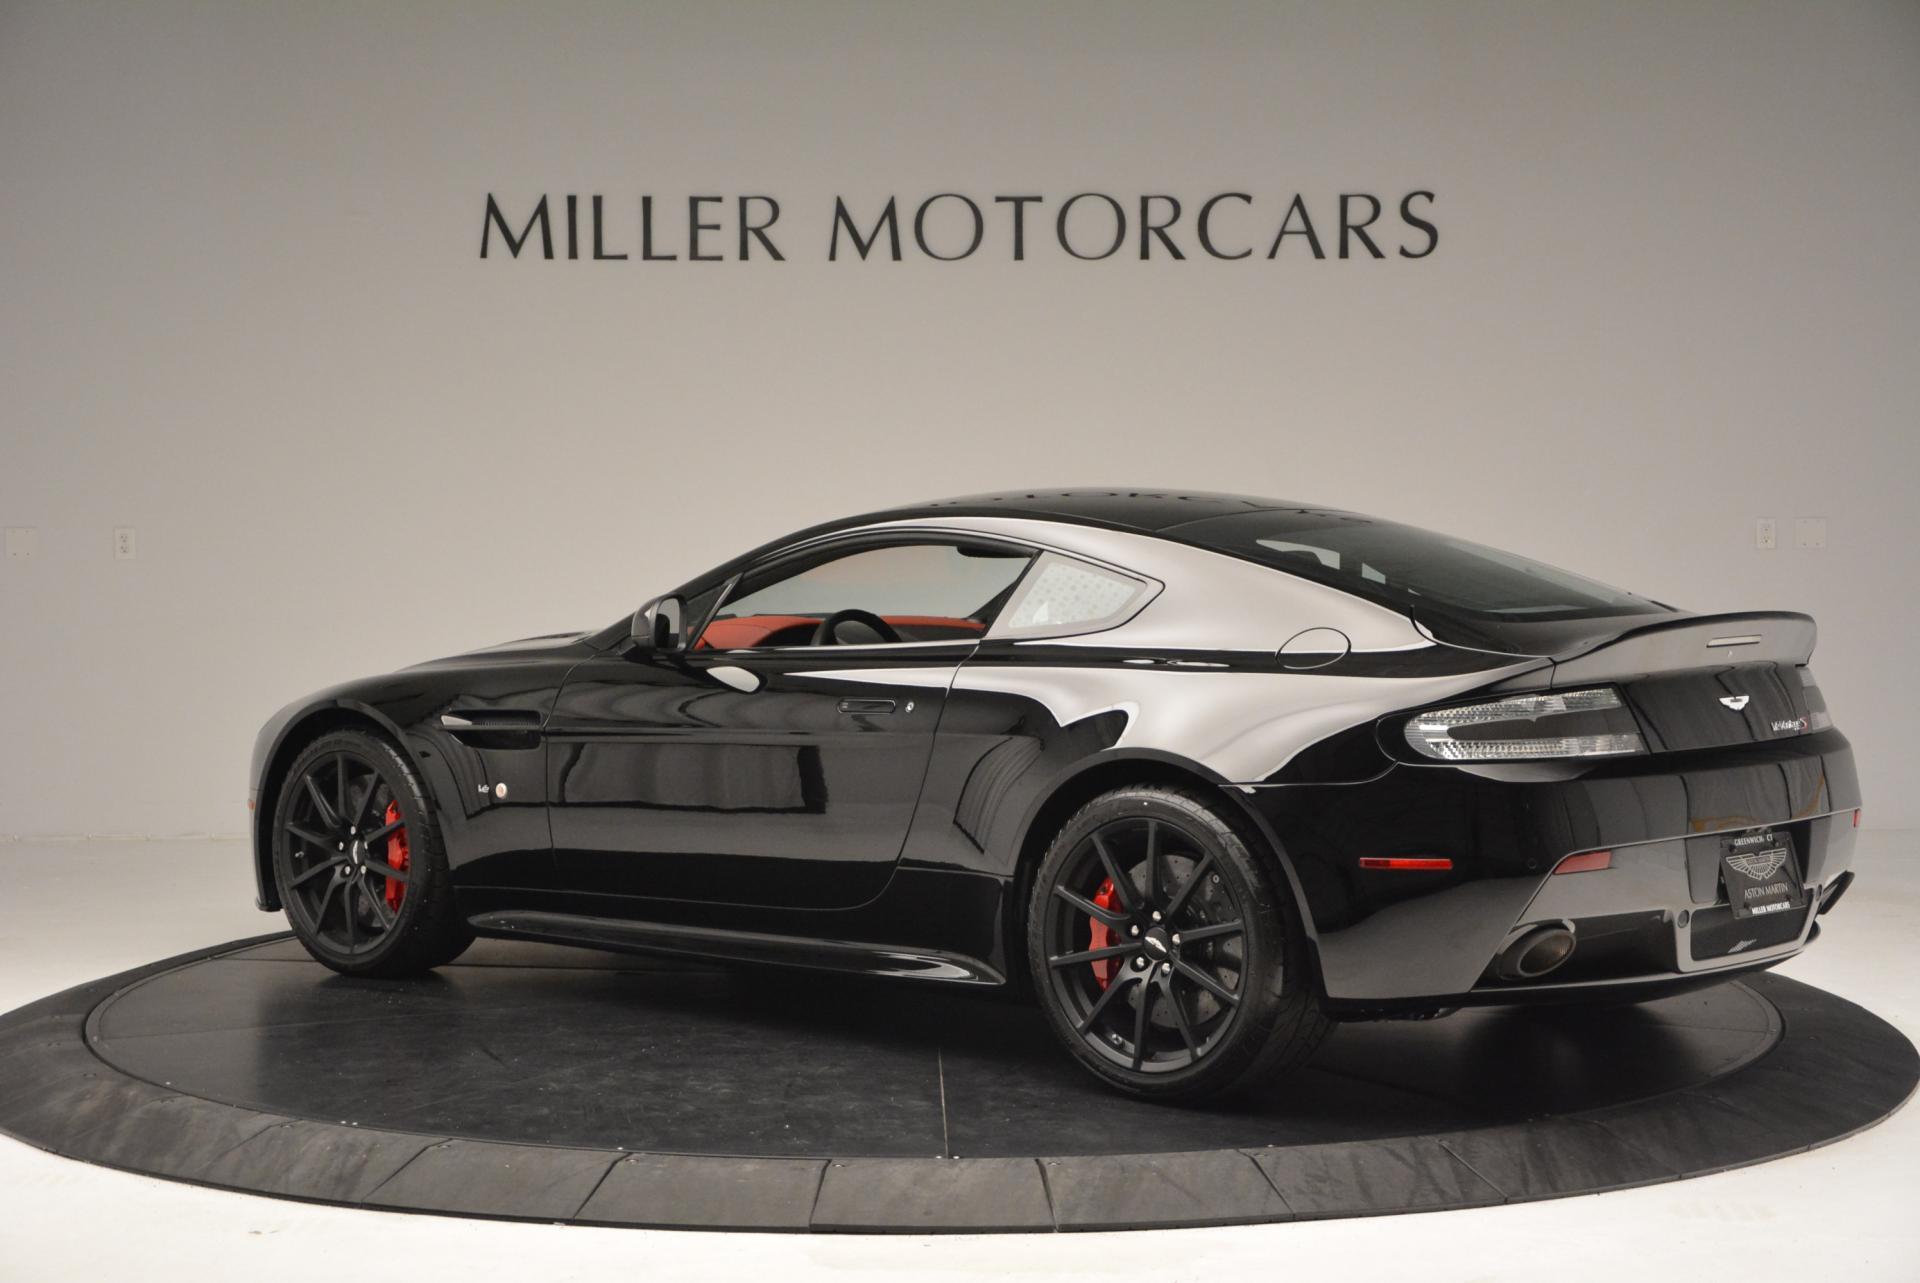 New 2015 Aston Martin V12 Vantage S  For Sale In Greenwich, CT. Alfa Romeo of Greenwich, A1154 103_p4